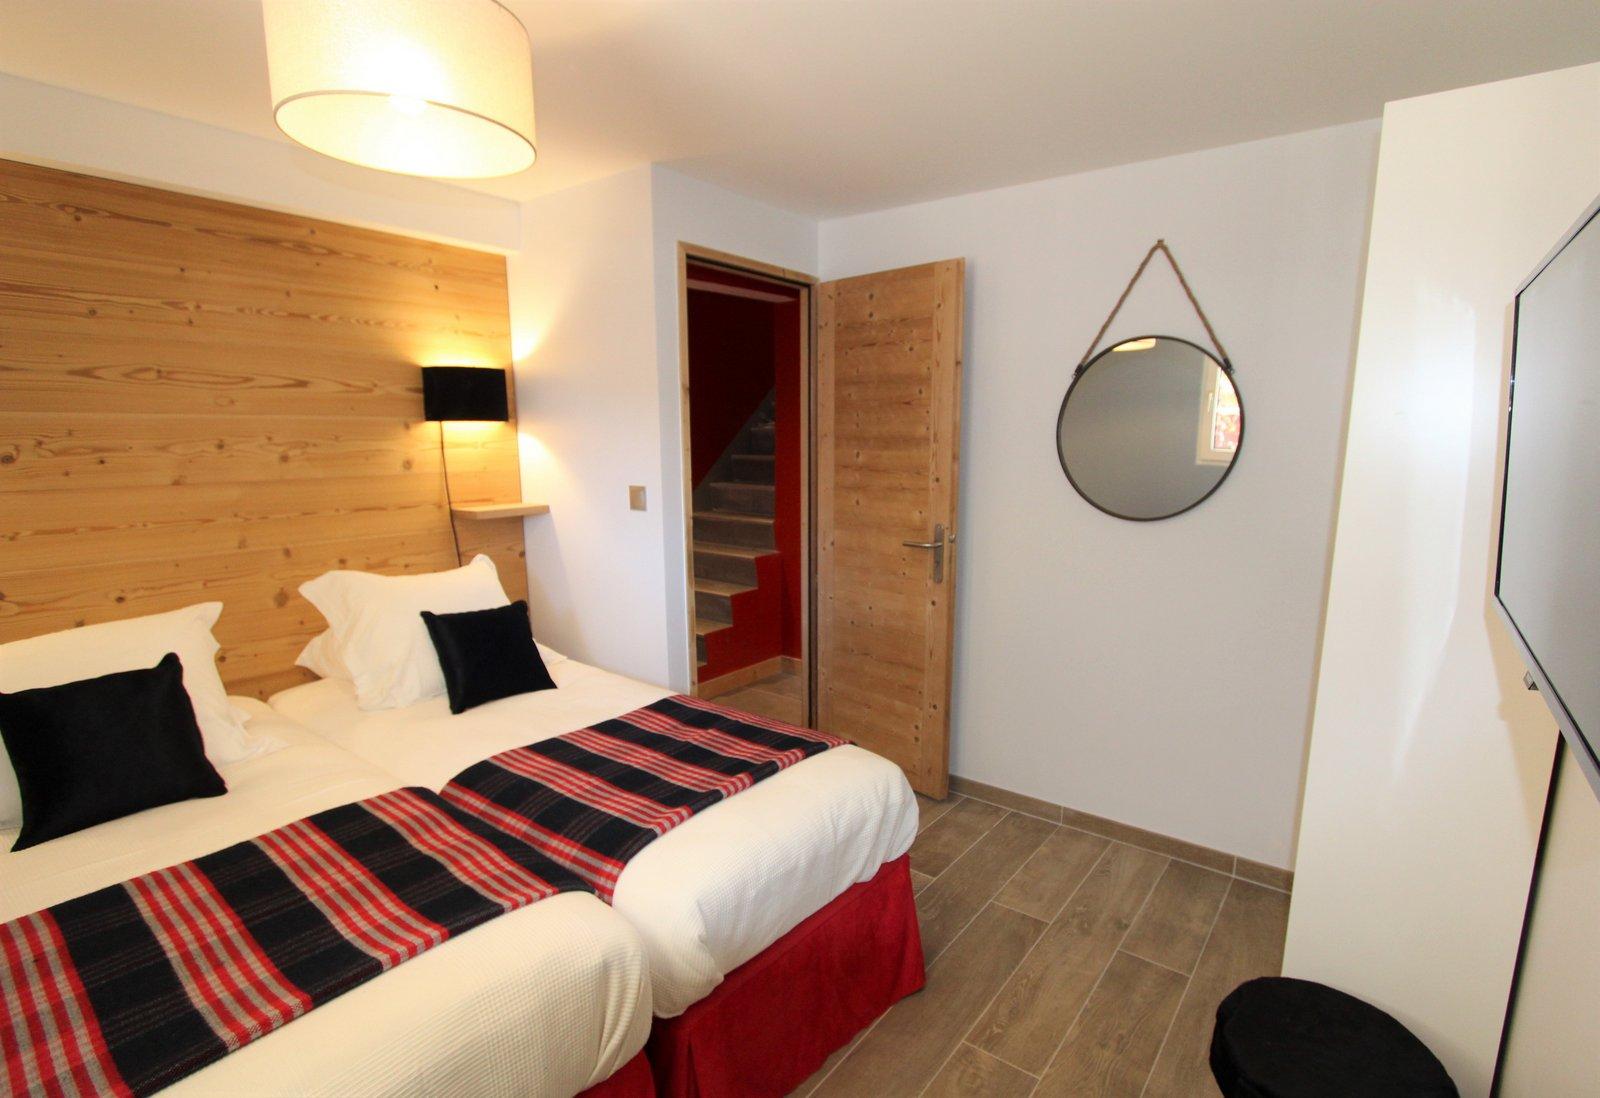 décoration bois peau confort lits chambre télévision ski chaud